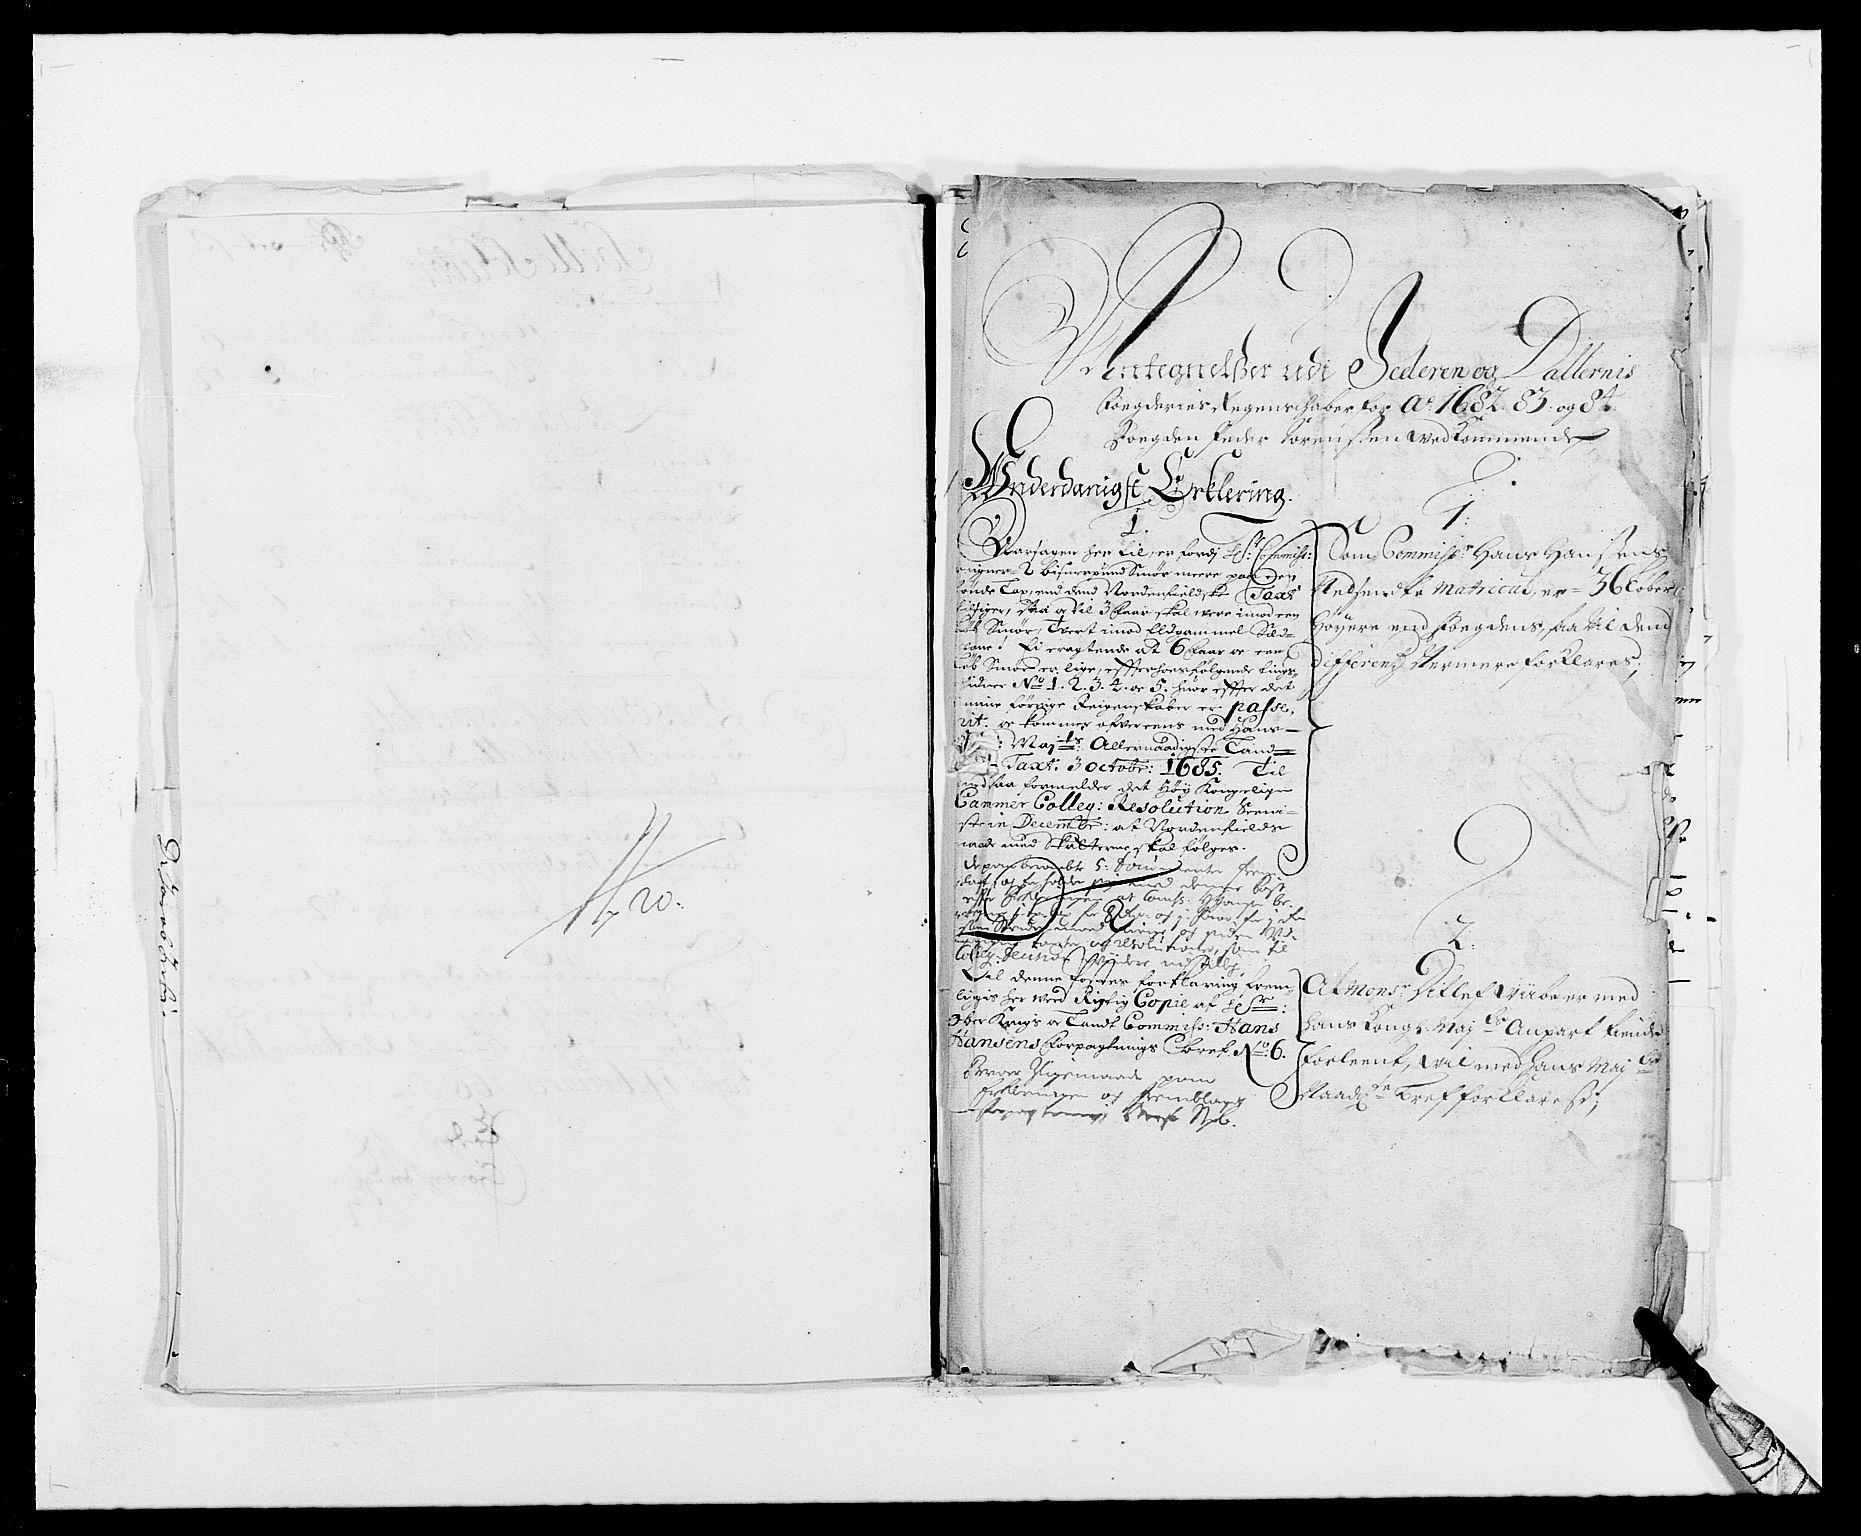 RA, Rentekammeret inntil 1814, Reviderte regnskaper, Fogderegnskap, R46/L2724: Fogderegnskap Jæren og Dalane, 1682-1684, s. 311